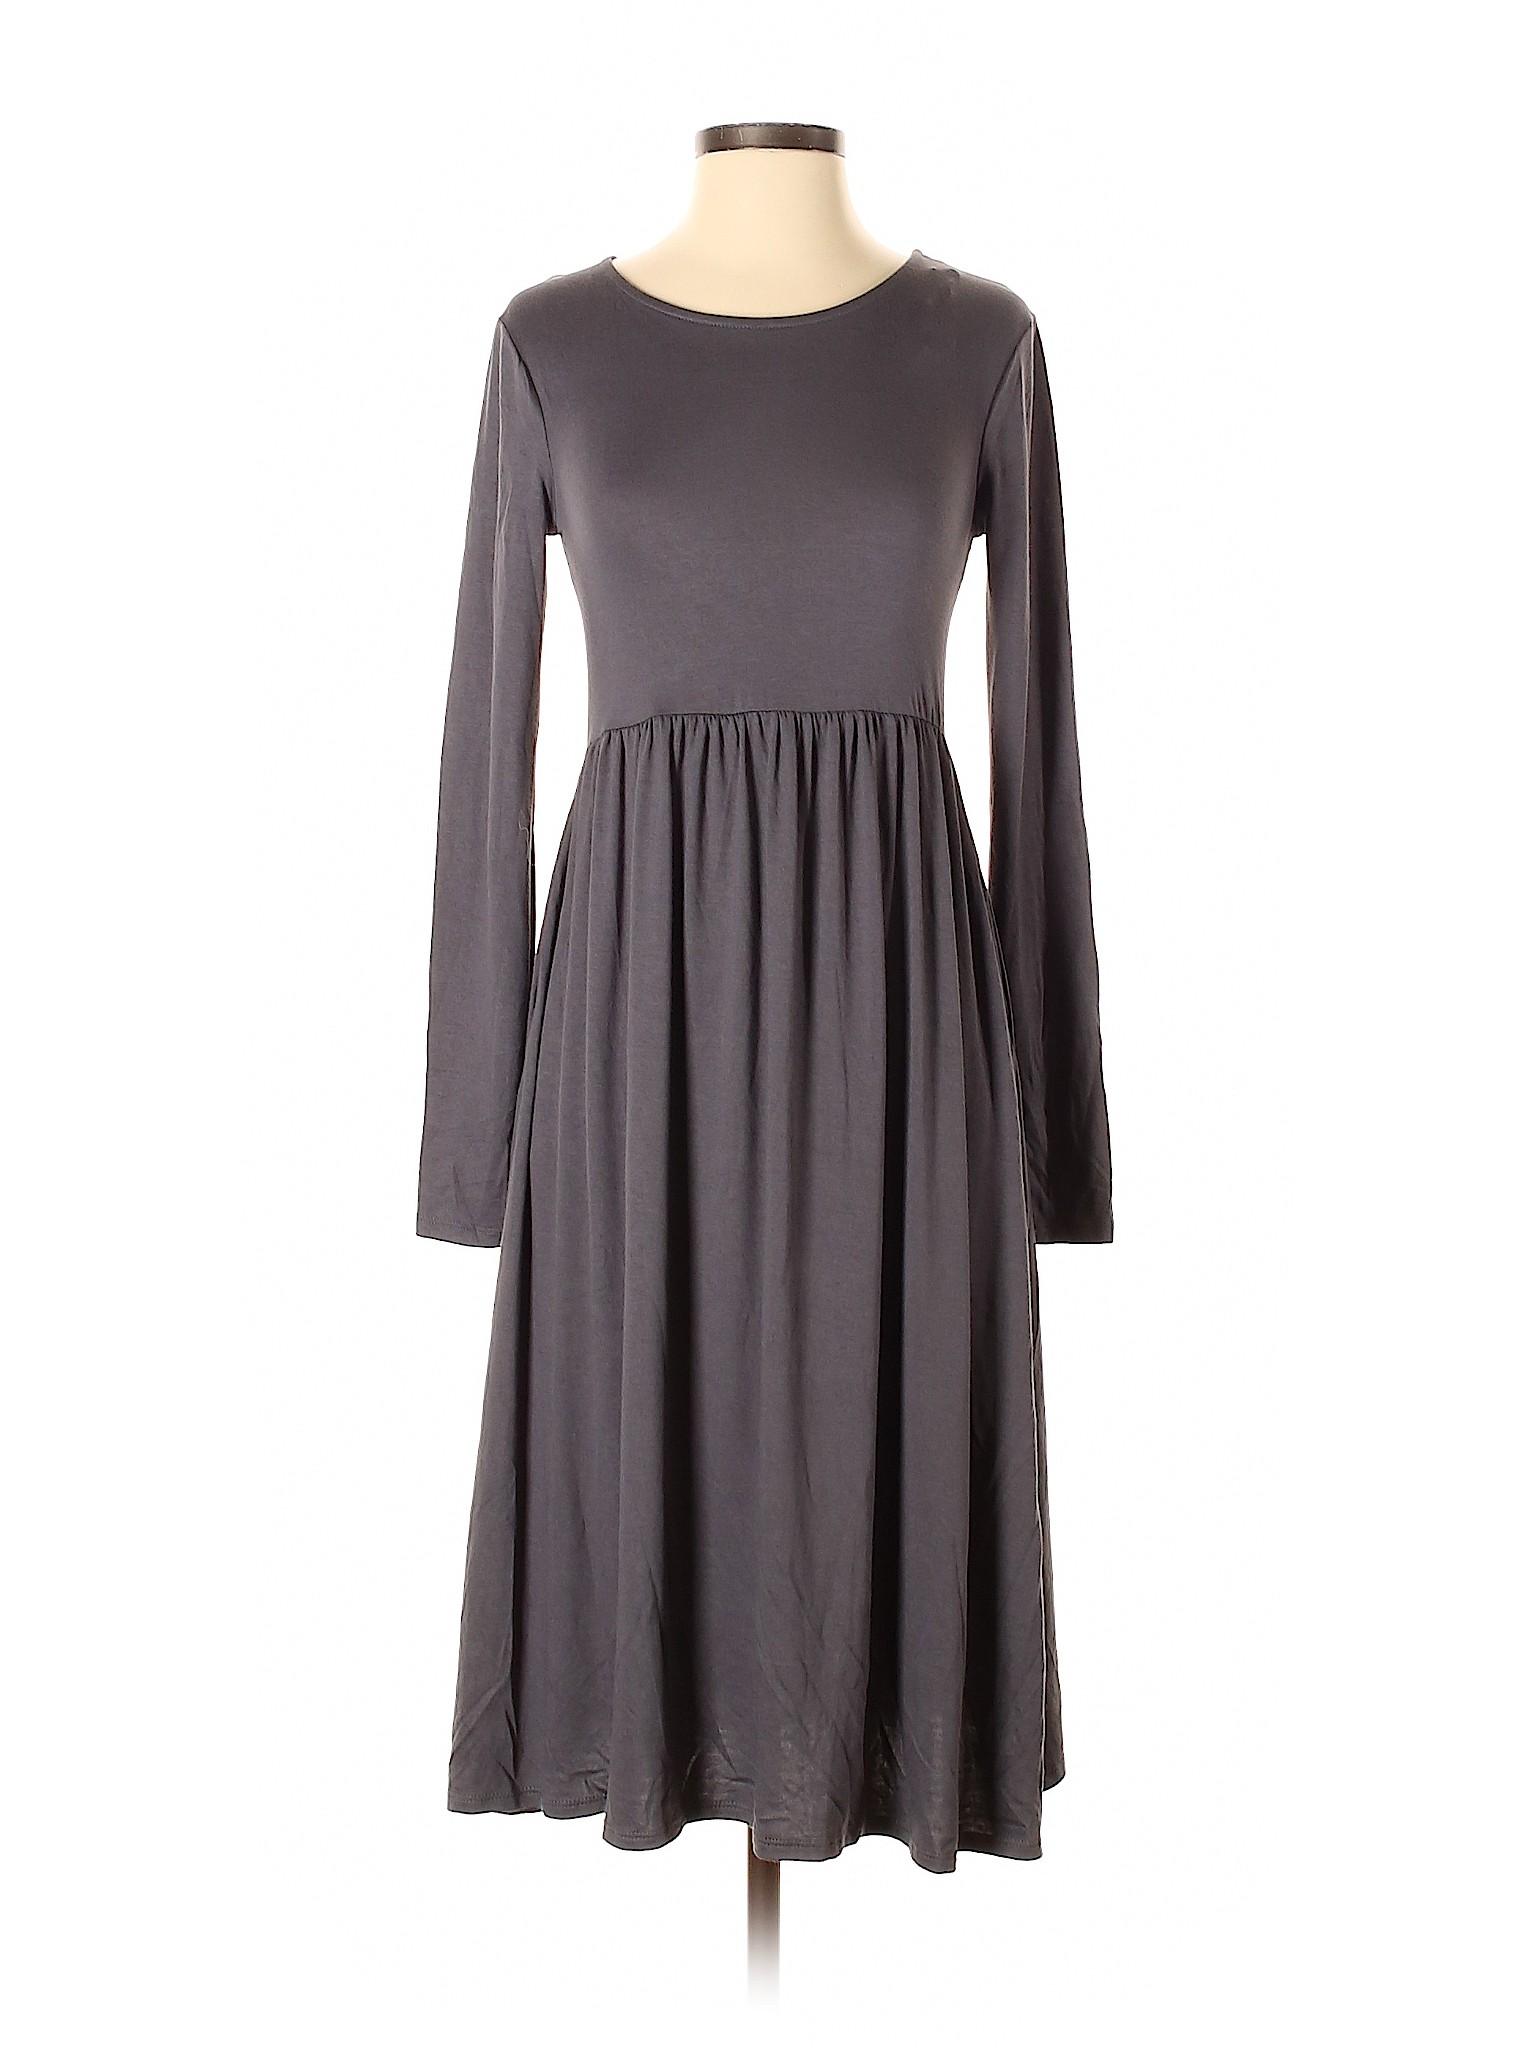 baa712ed4bf Zenana Outfitters Women Gray Casual Dress Sm